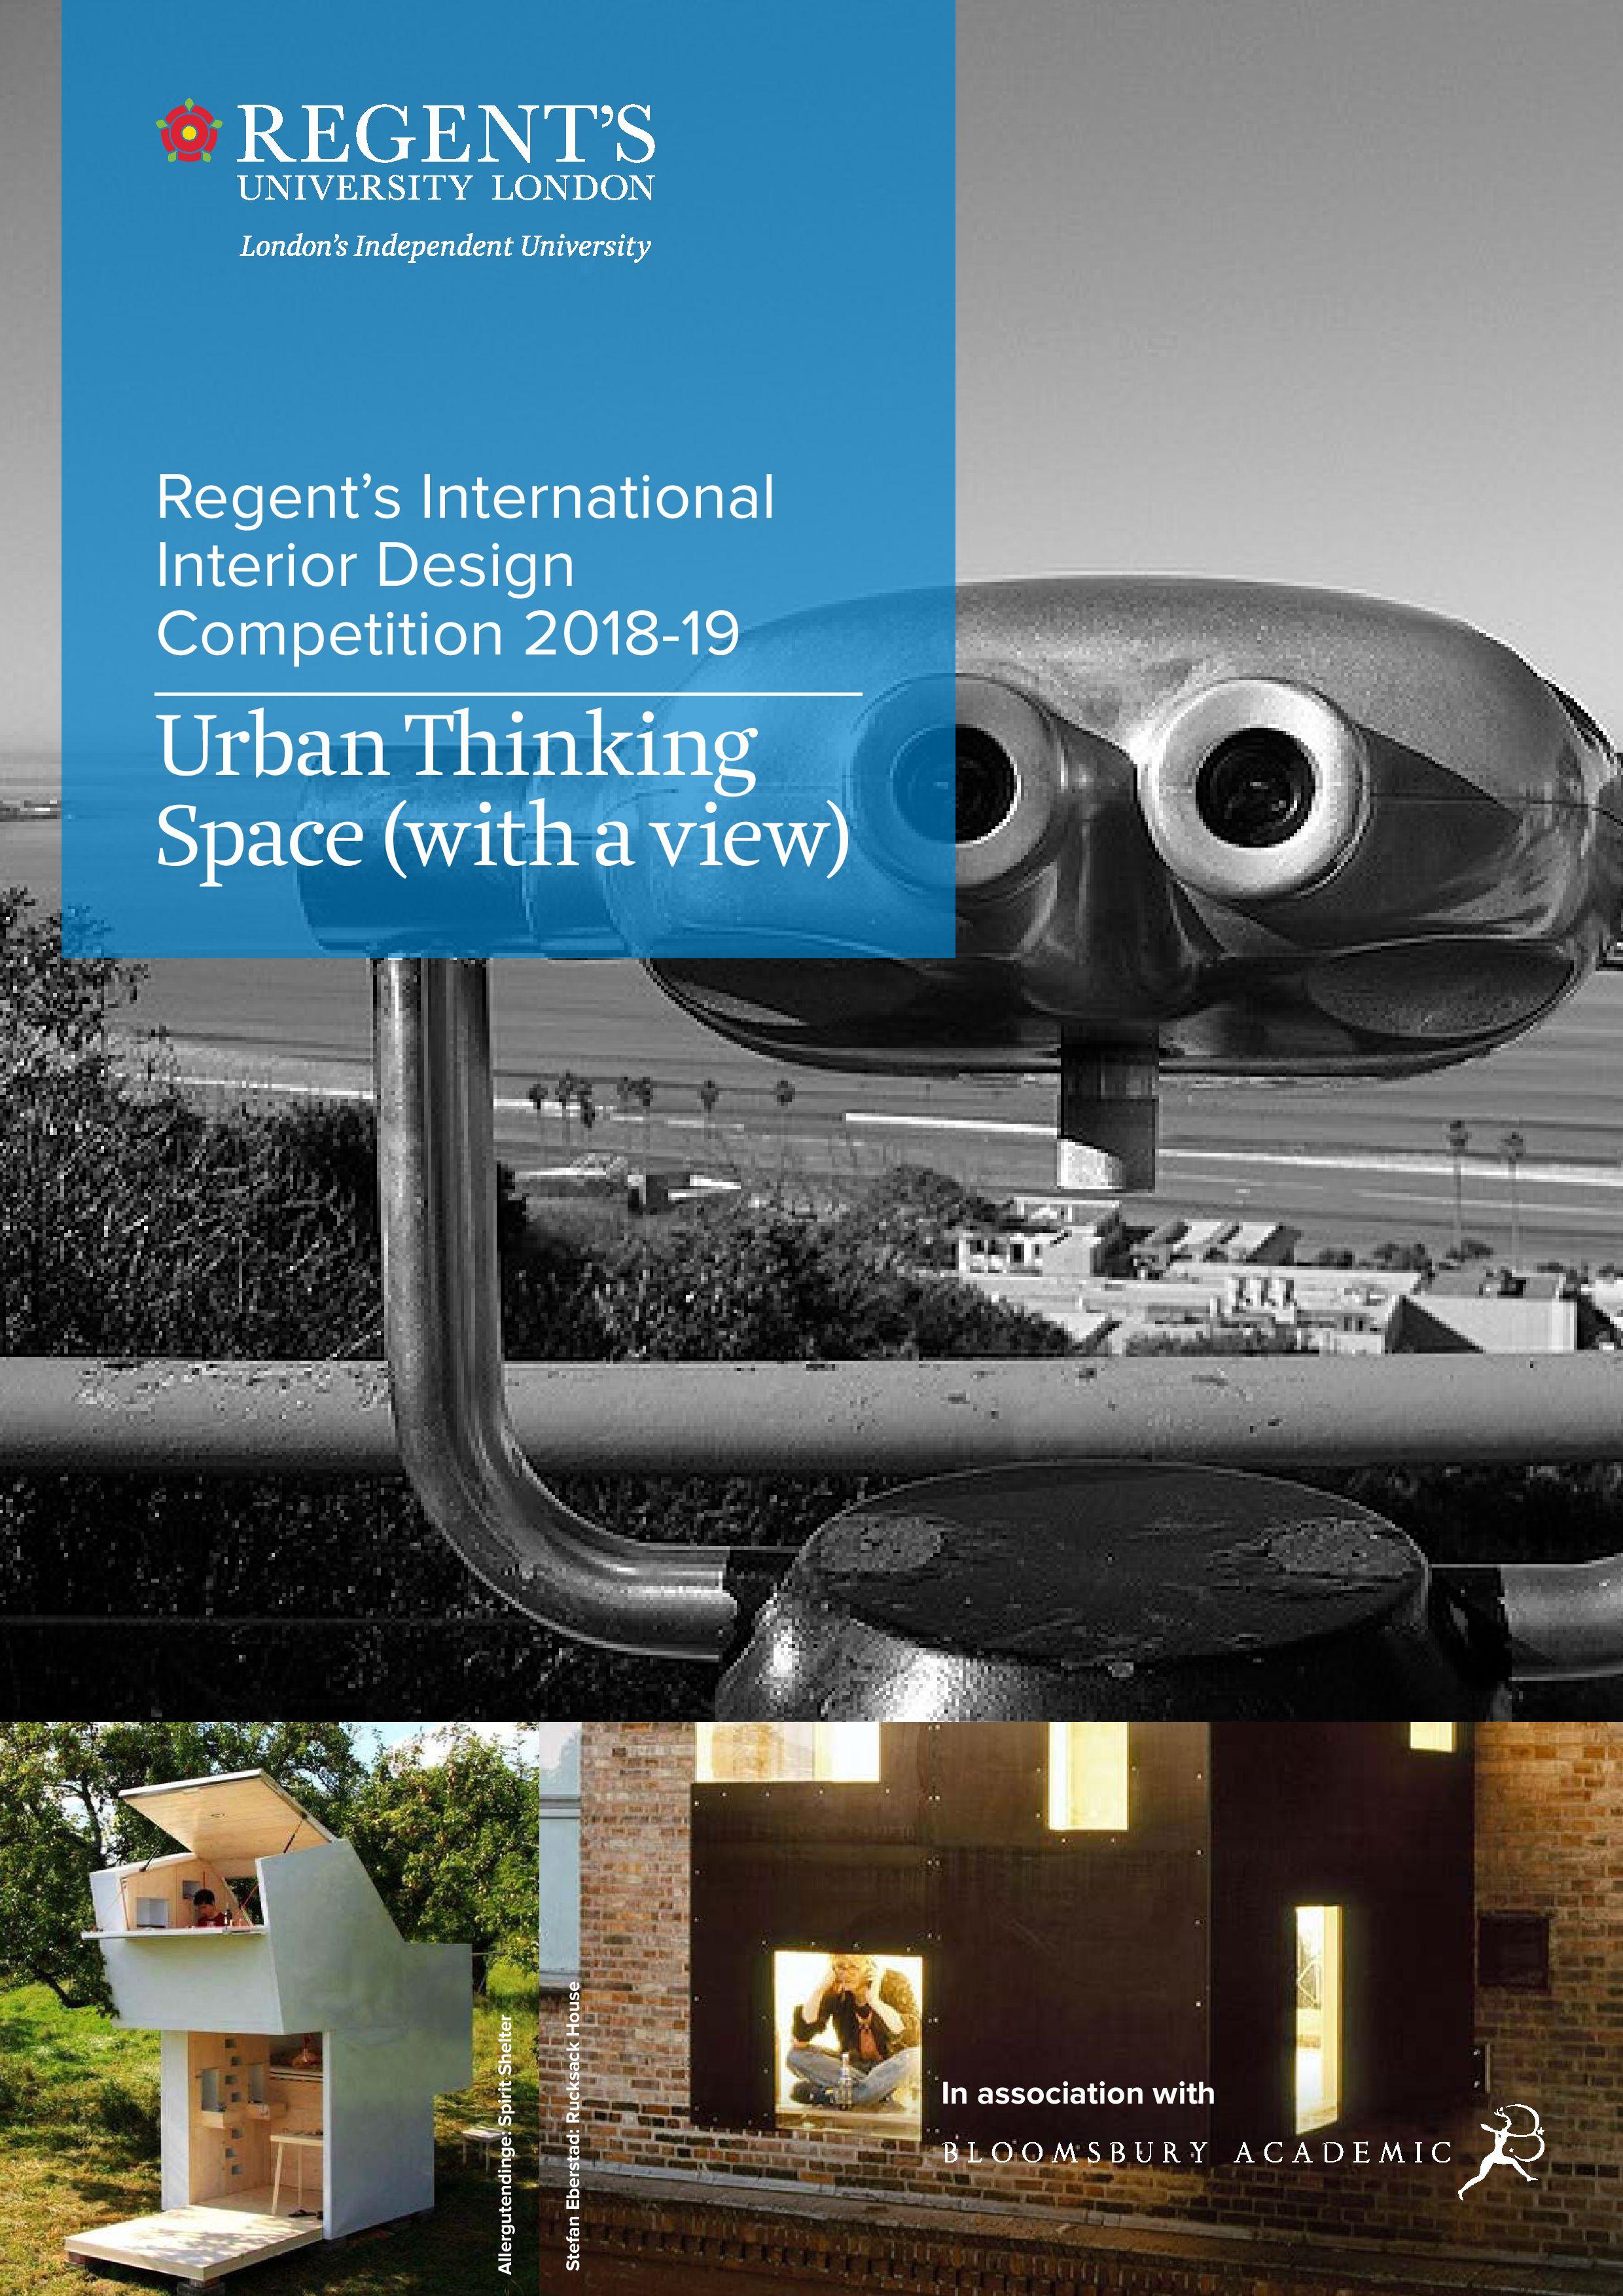 Interior Design Cometition 2018 – 19